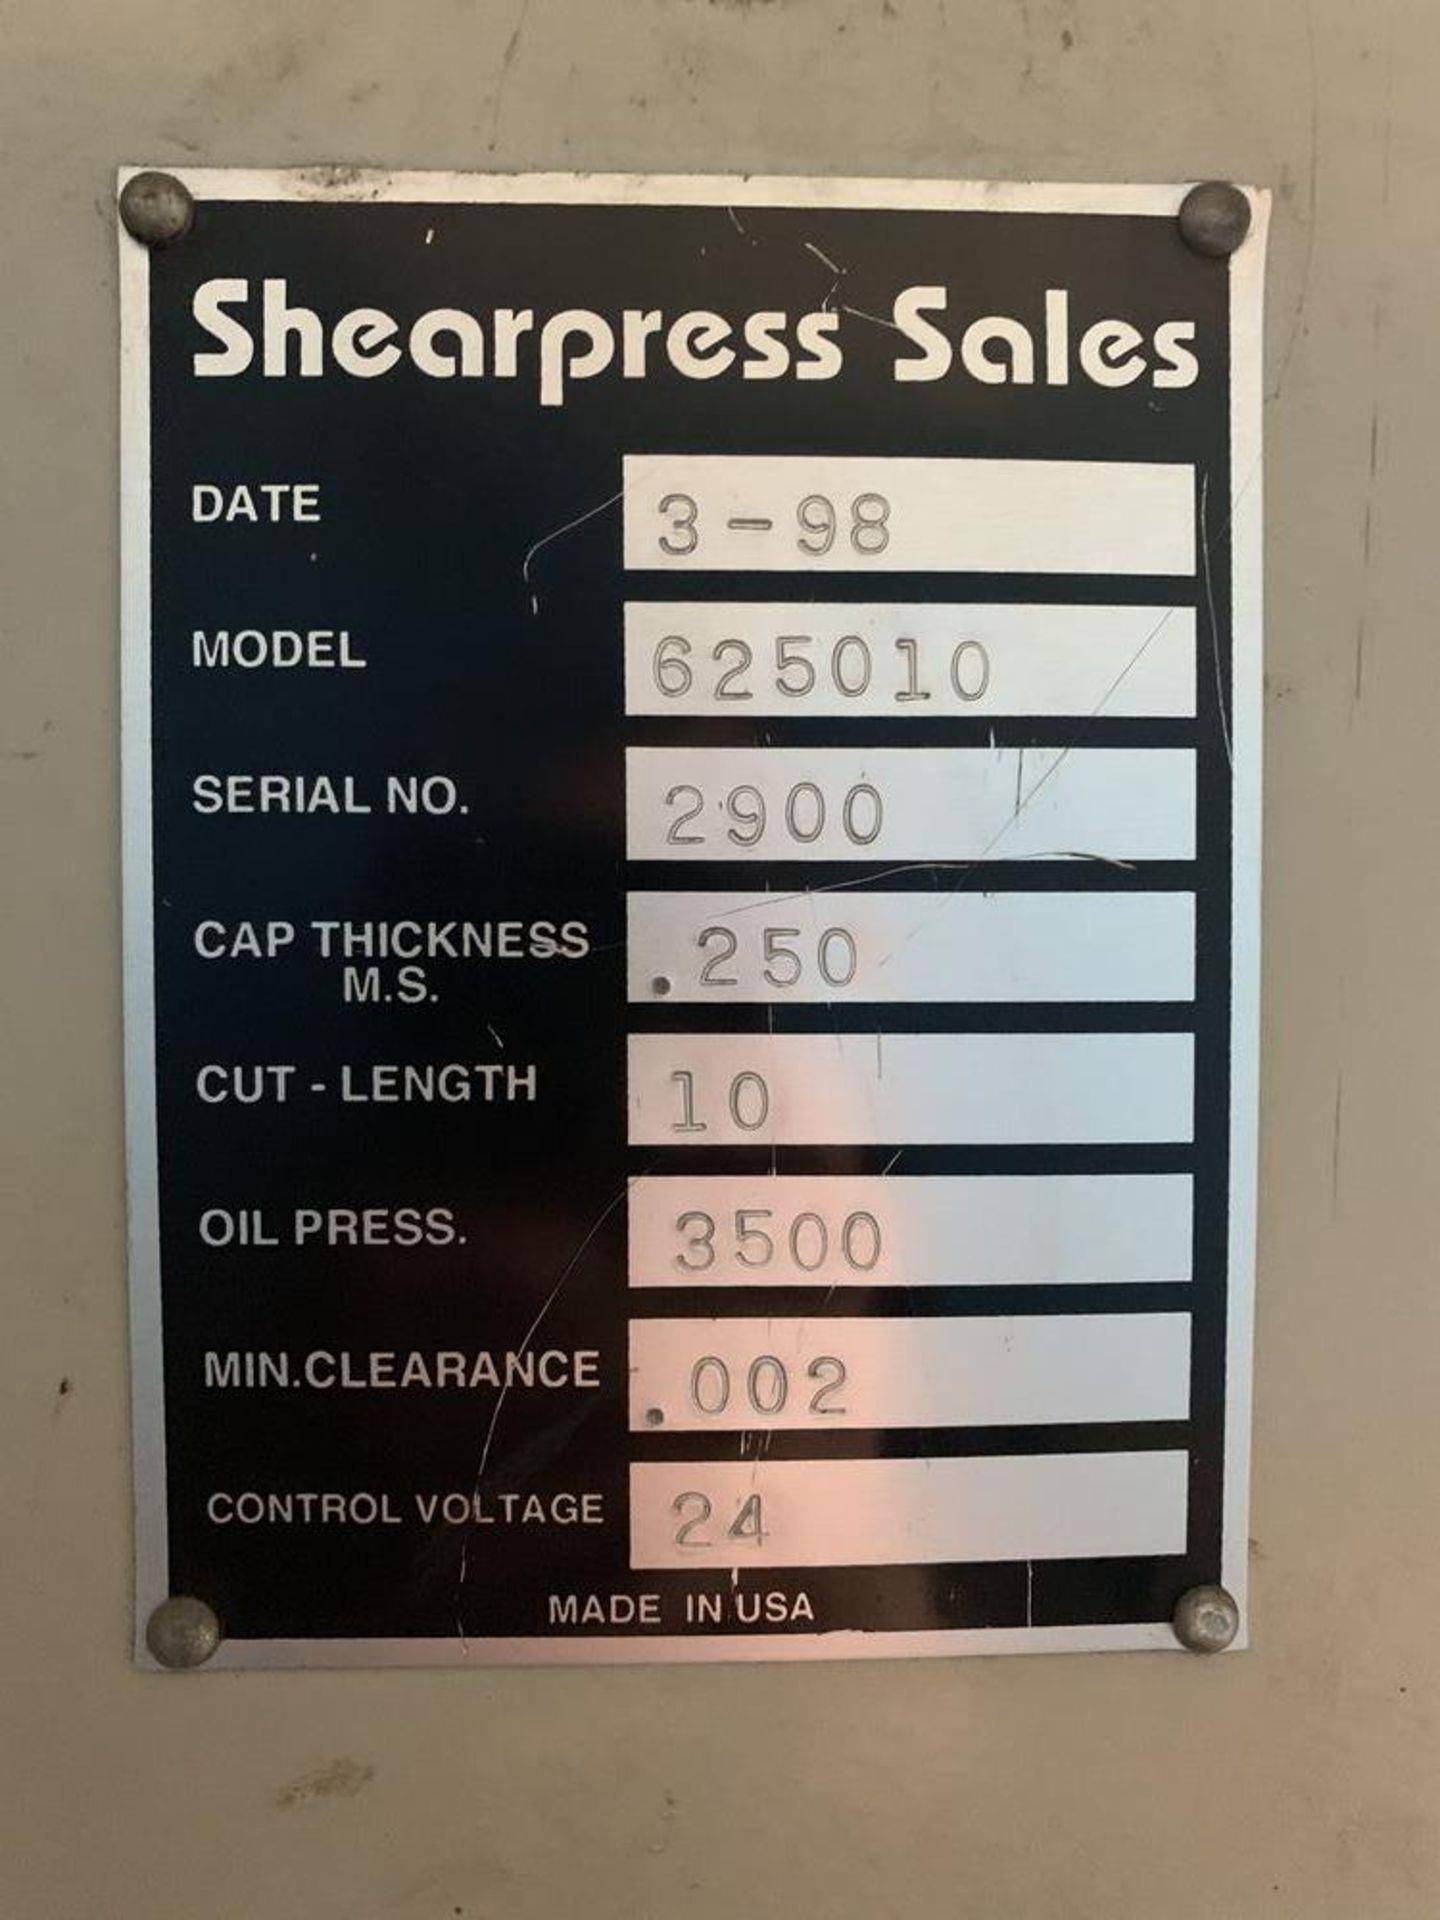 """Lot 29 - 10' x 1/4"""" Accurshear #625010 Hydraulic Shear, 36"""" FOPBG, 10' sq. arm"""